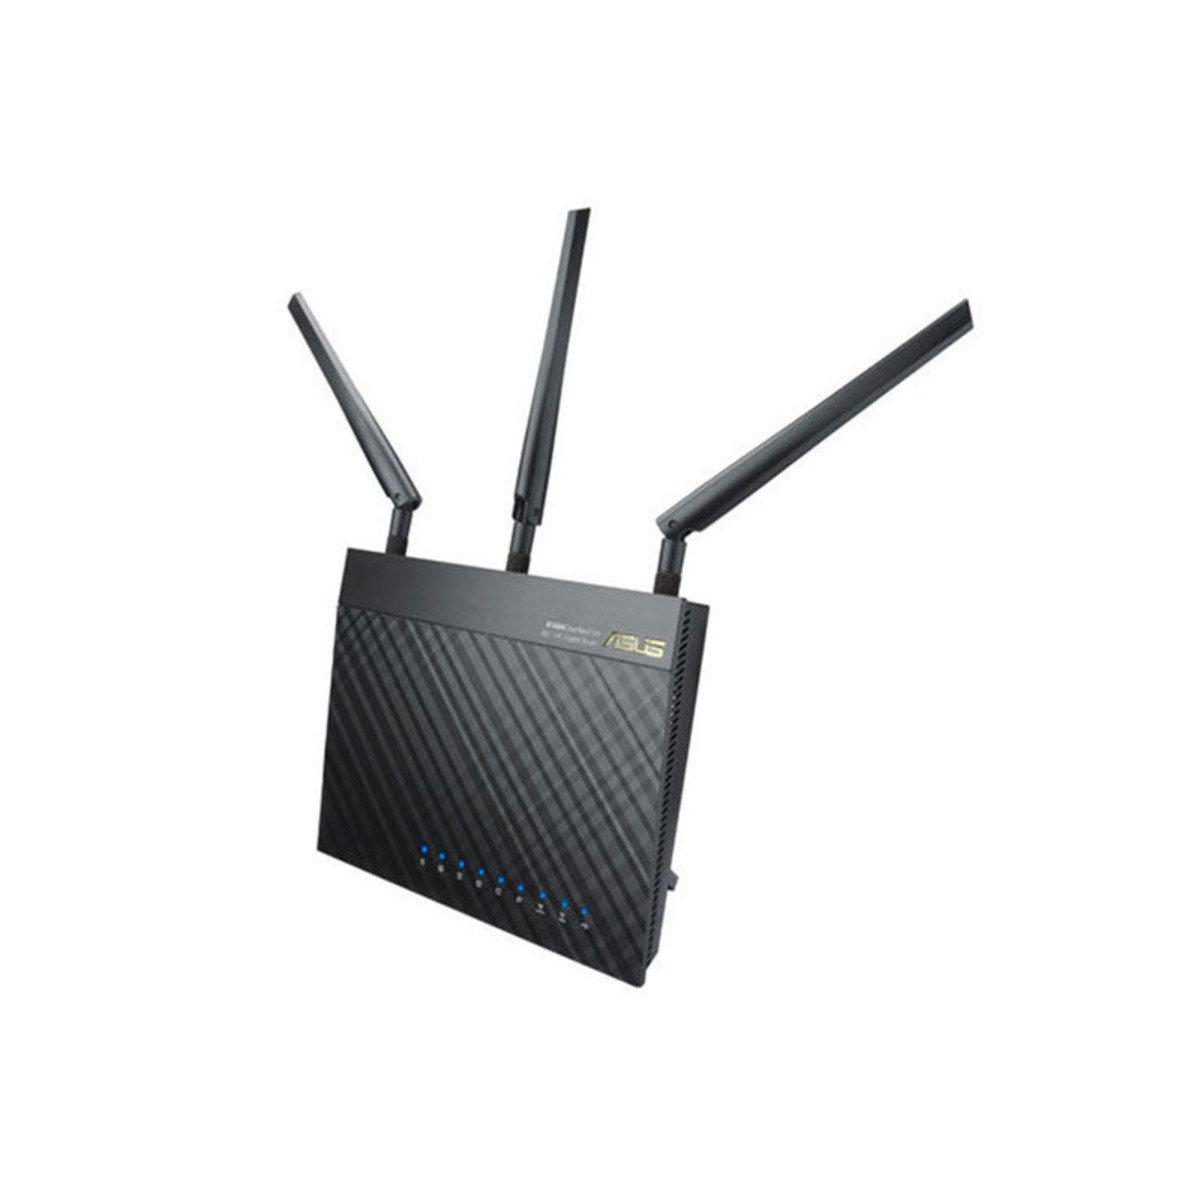 AC1750 雙頻無線路由器 RT-AC66U